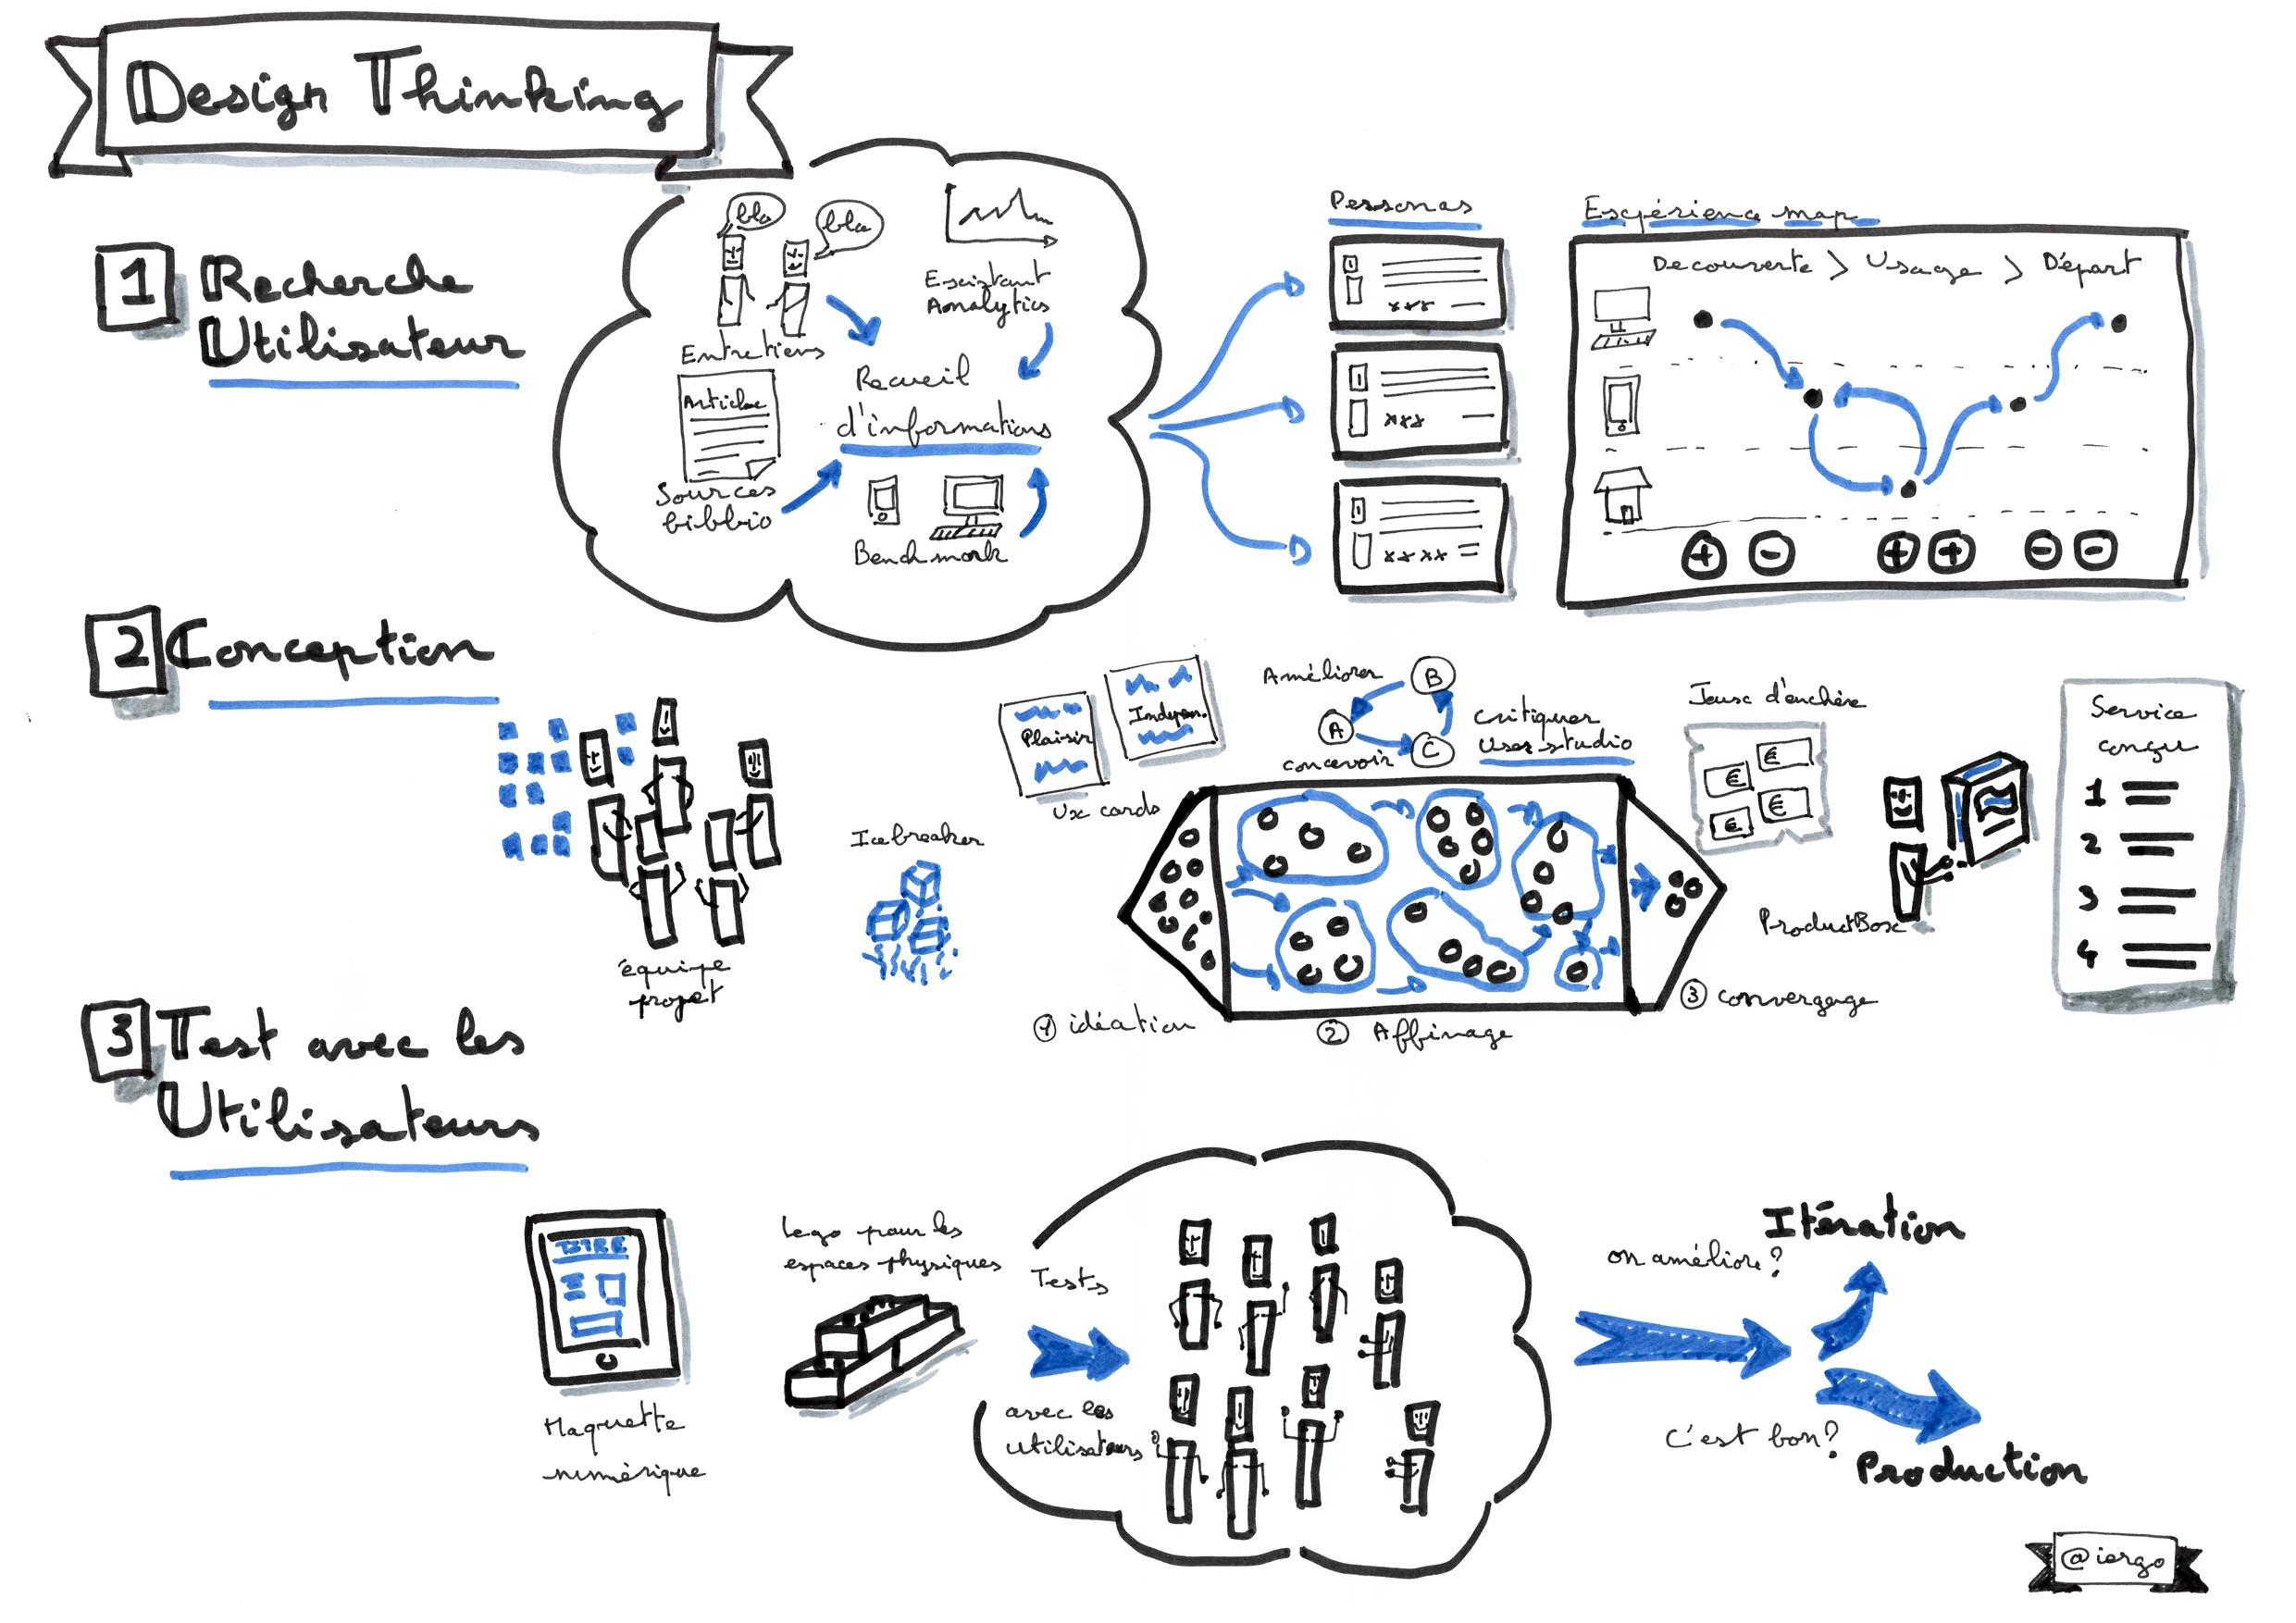 Le Design Thinking En Skechnote Le Bloc Notes Ux Design D